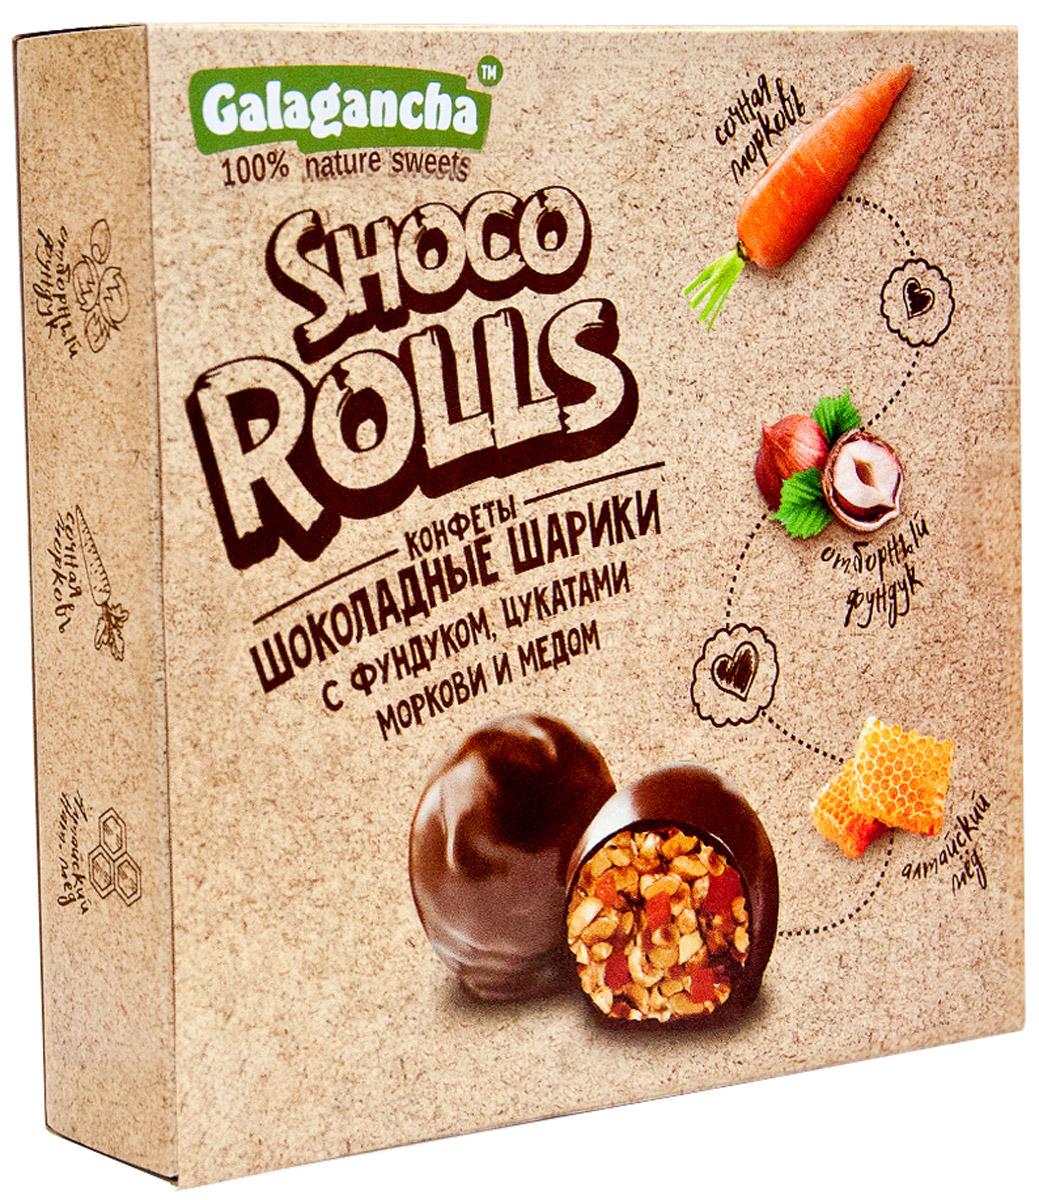 Galagancha Shoco Rolls мягкий грильяж с фундуком, 135 го0000007711100% натуральные; сниженное содержание сахара; ручная работа; идеально обжаренный фундук в сочетании с цукатами моркови сорта Шантане с настоящим алтайским медом; «GALAGANCHA» - может быть превосходным подарком, а может быть приятными минутами домашнего вечера, а может быть… Уважаемые клиенты! Обращаем ваше внимание, что полный перечень состава продукта представлен на дополнительном изображении.